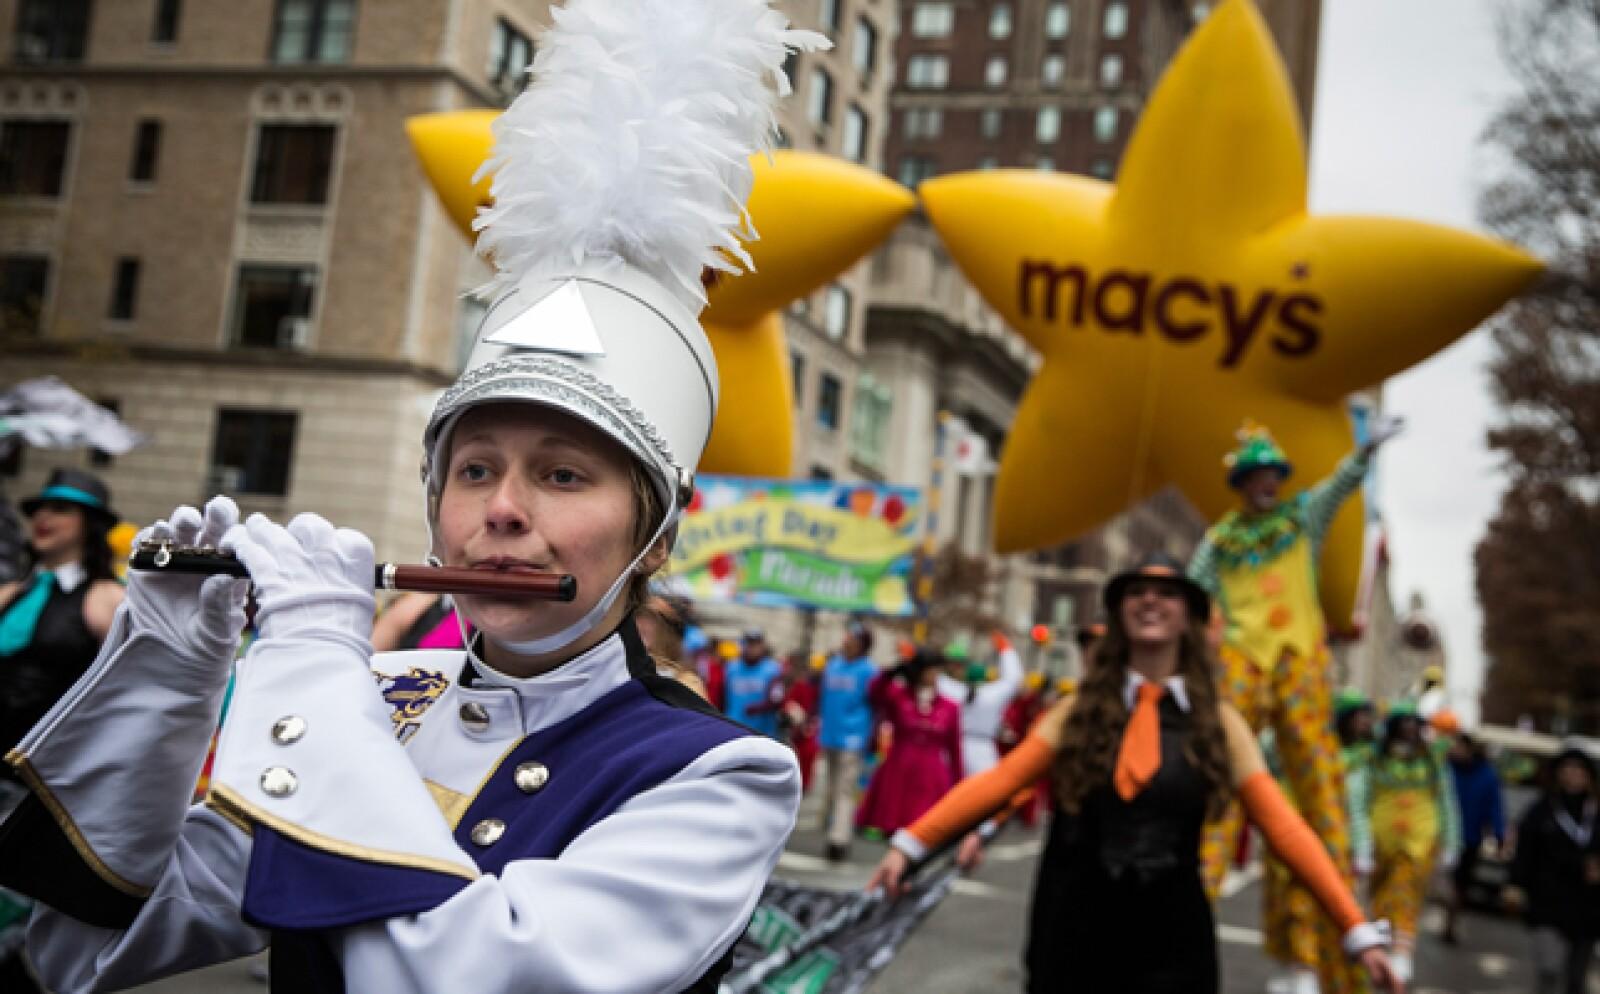 Cada año cerca de 3.5 millones de espectadores inundan las calles para ver el desfile.